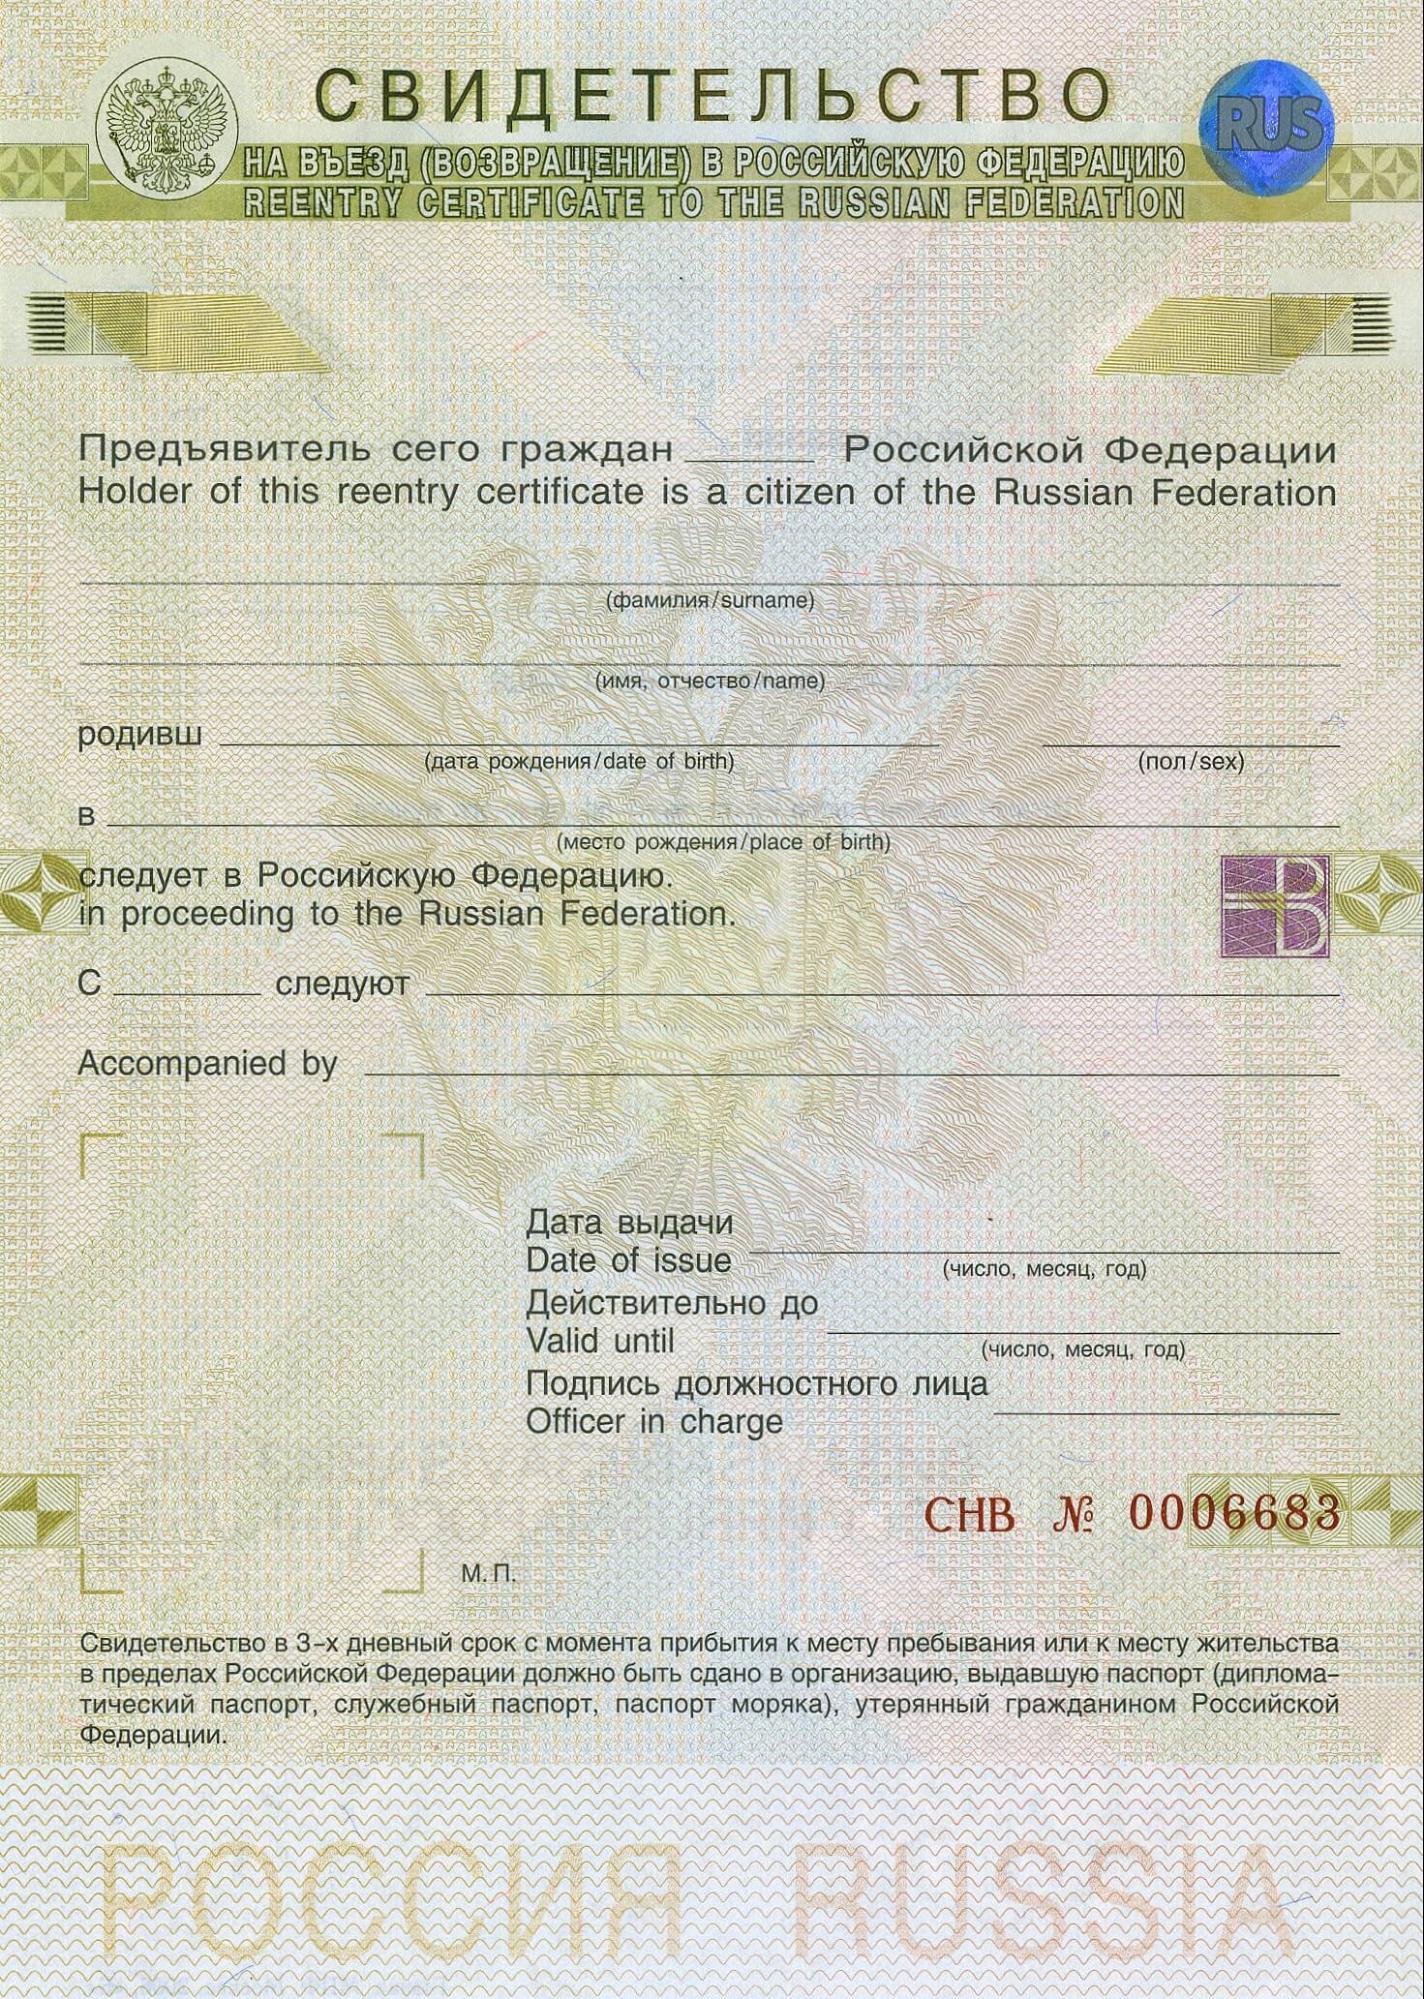 Правила и сроки восстановления паспорта при потере